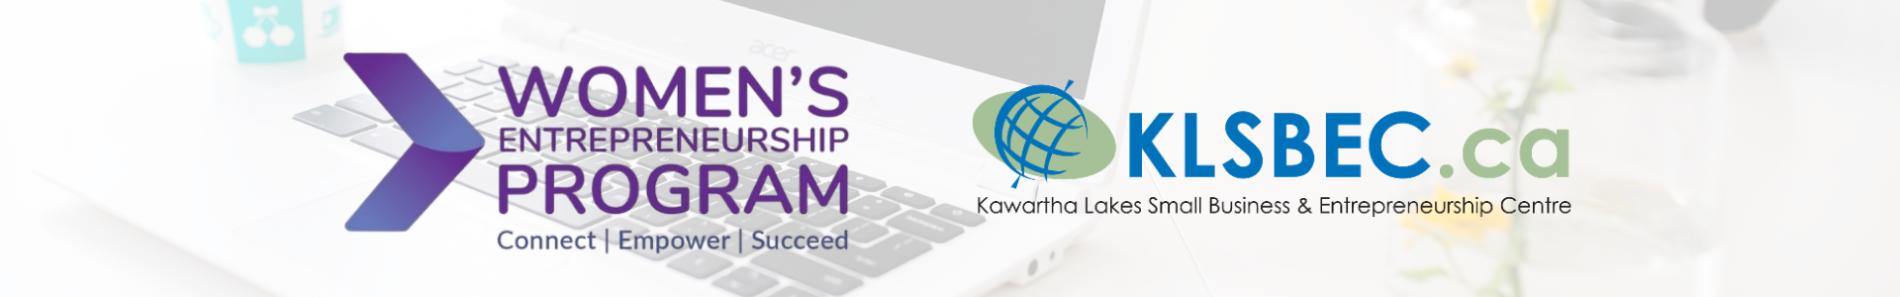 Women's Entrepreneurship Program